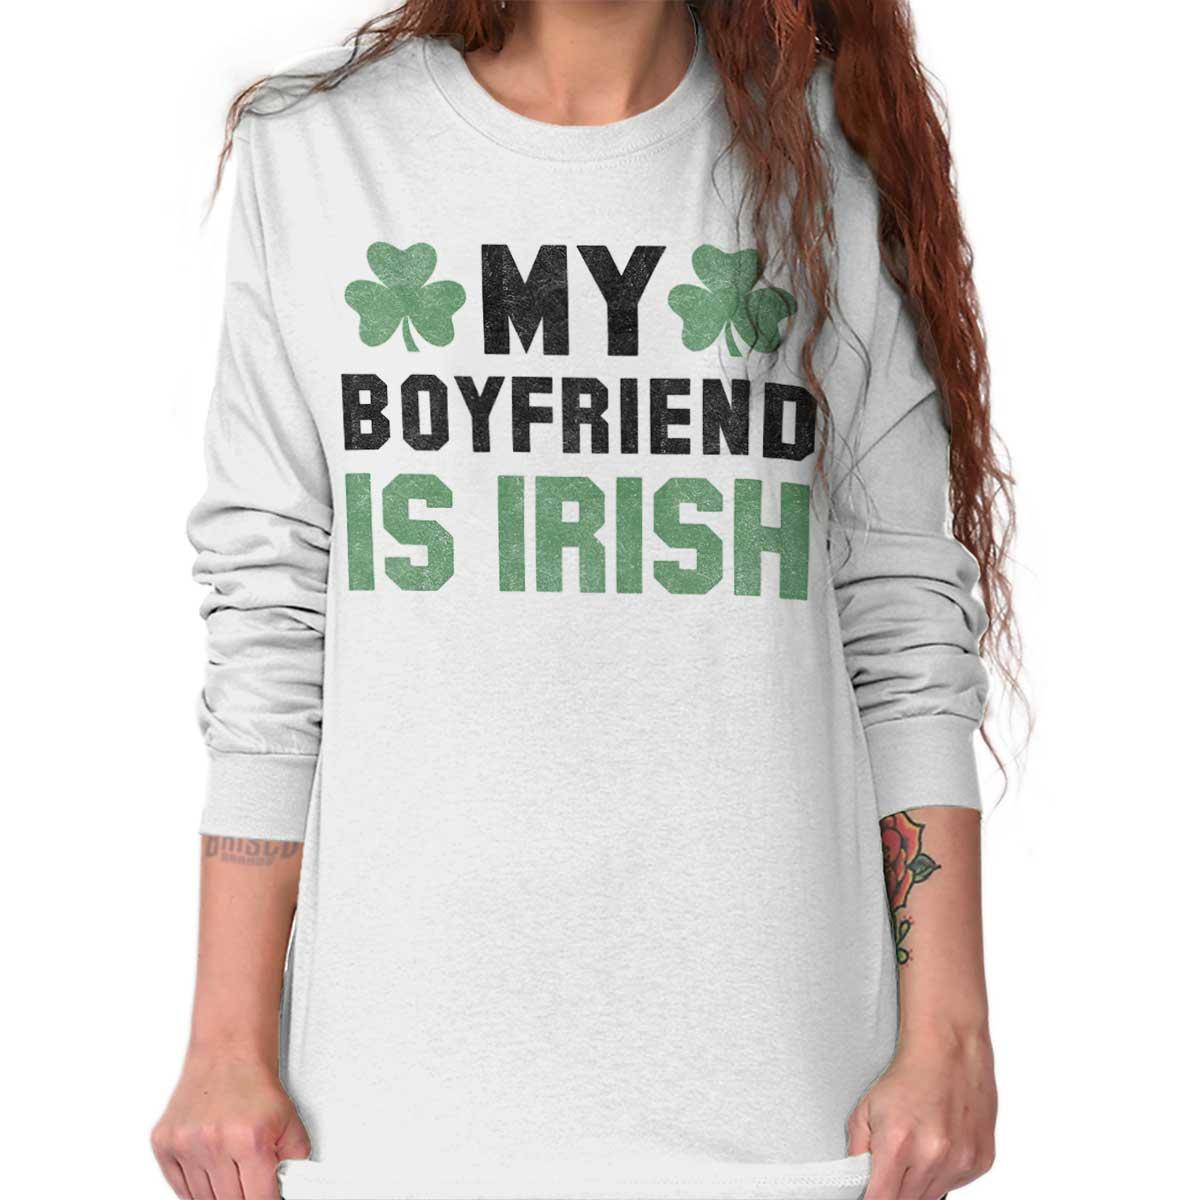 My boyfriend is irish